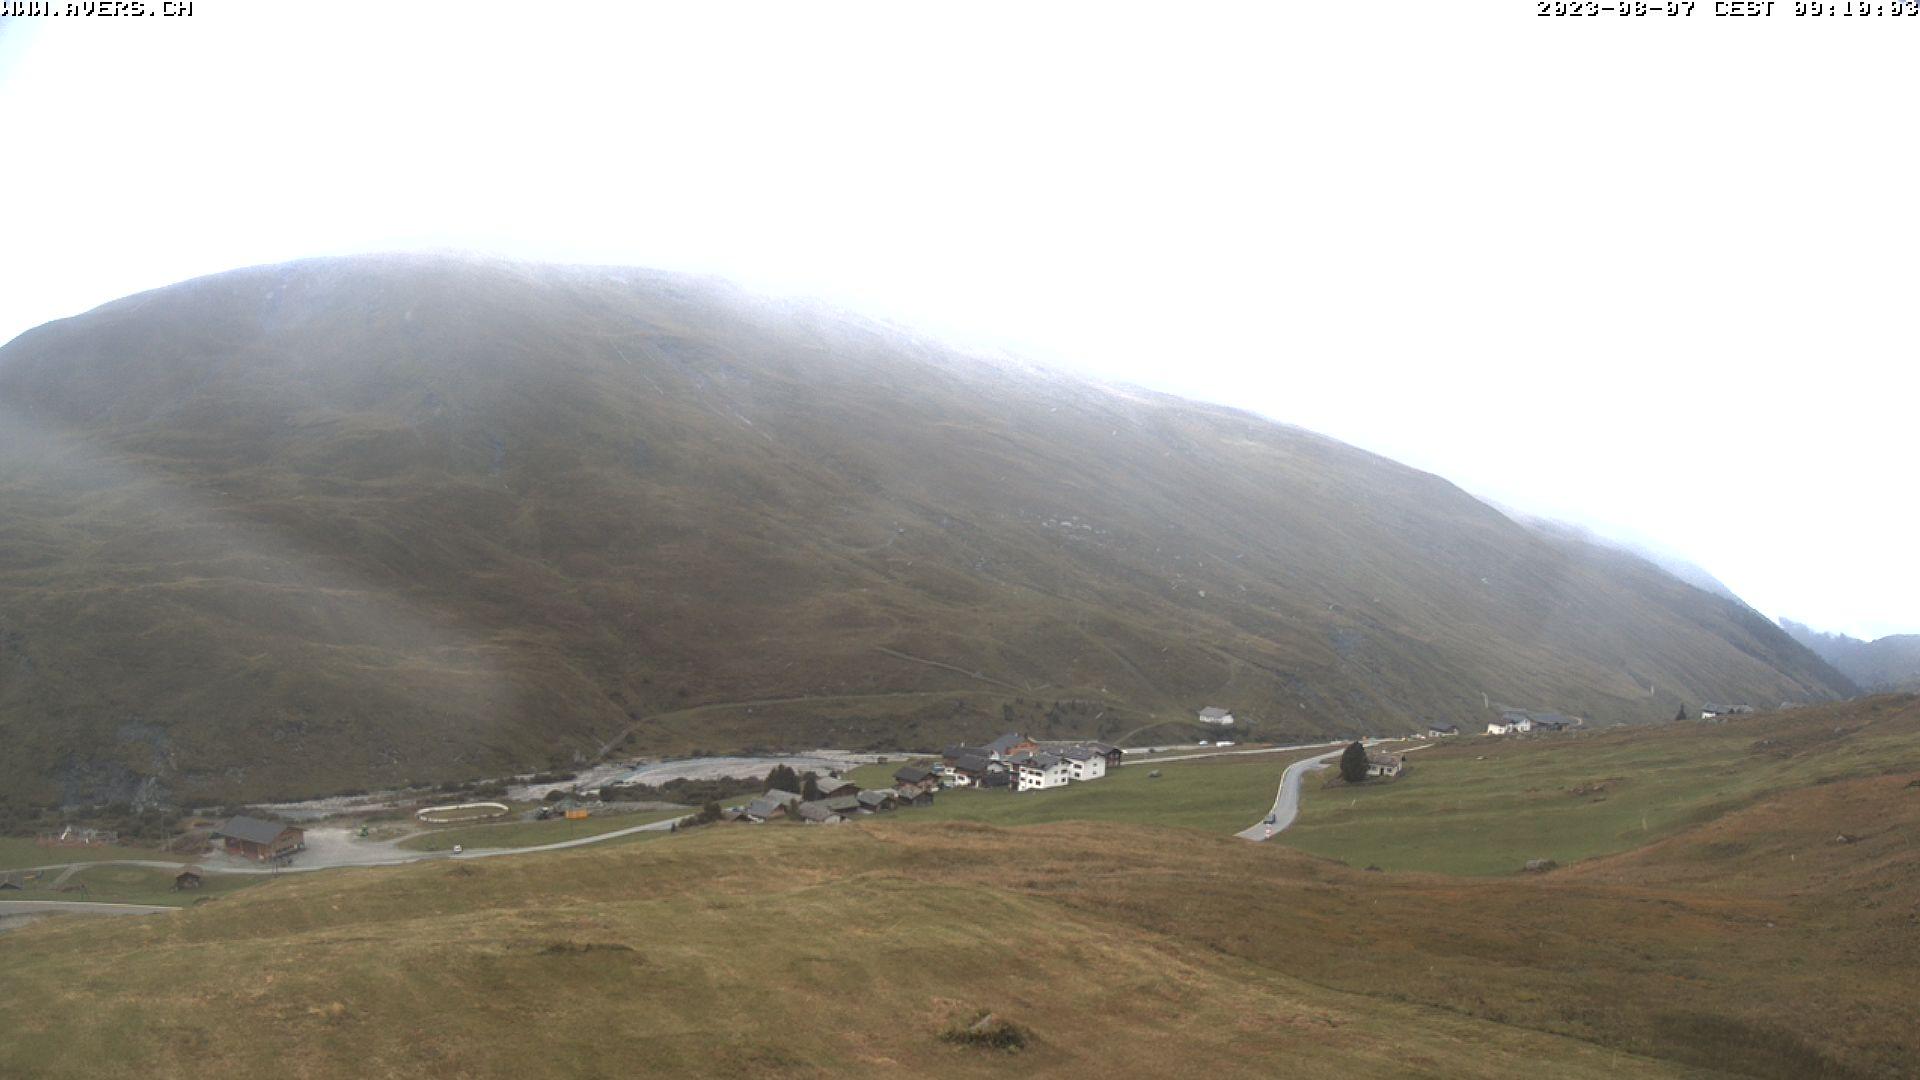 Grossansicht 09h - Avers Skilift Cavetta mit Sicht in die Bregalga.